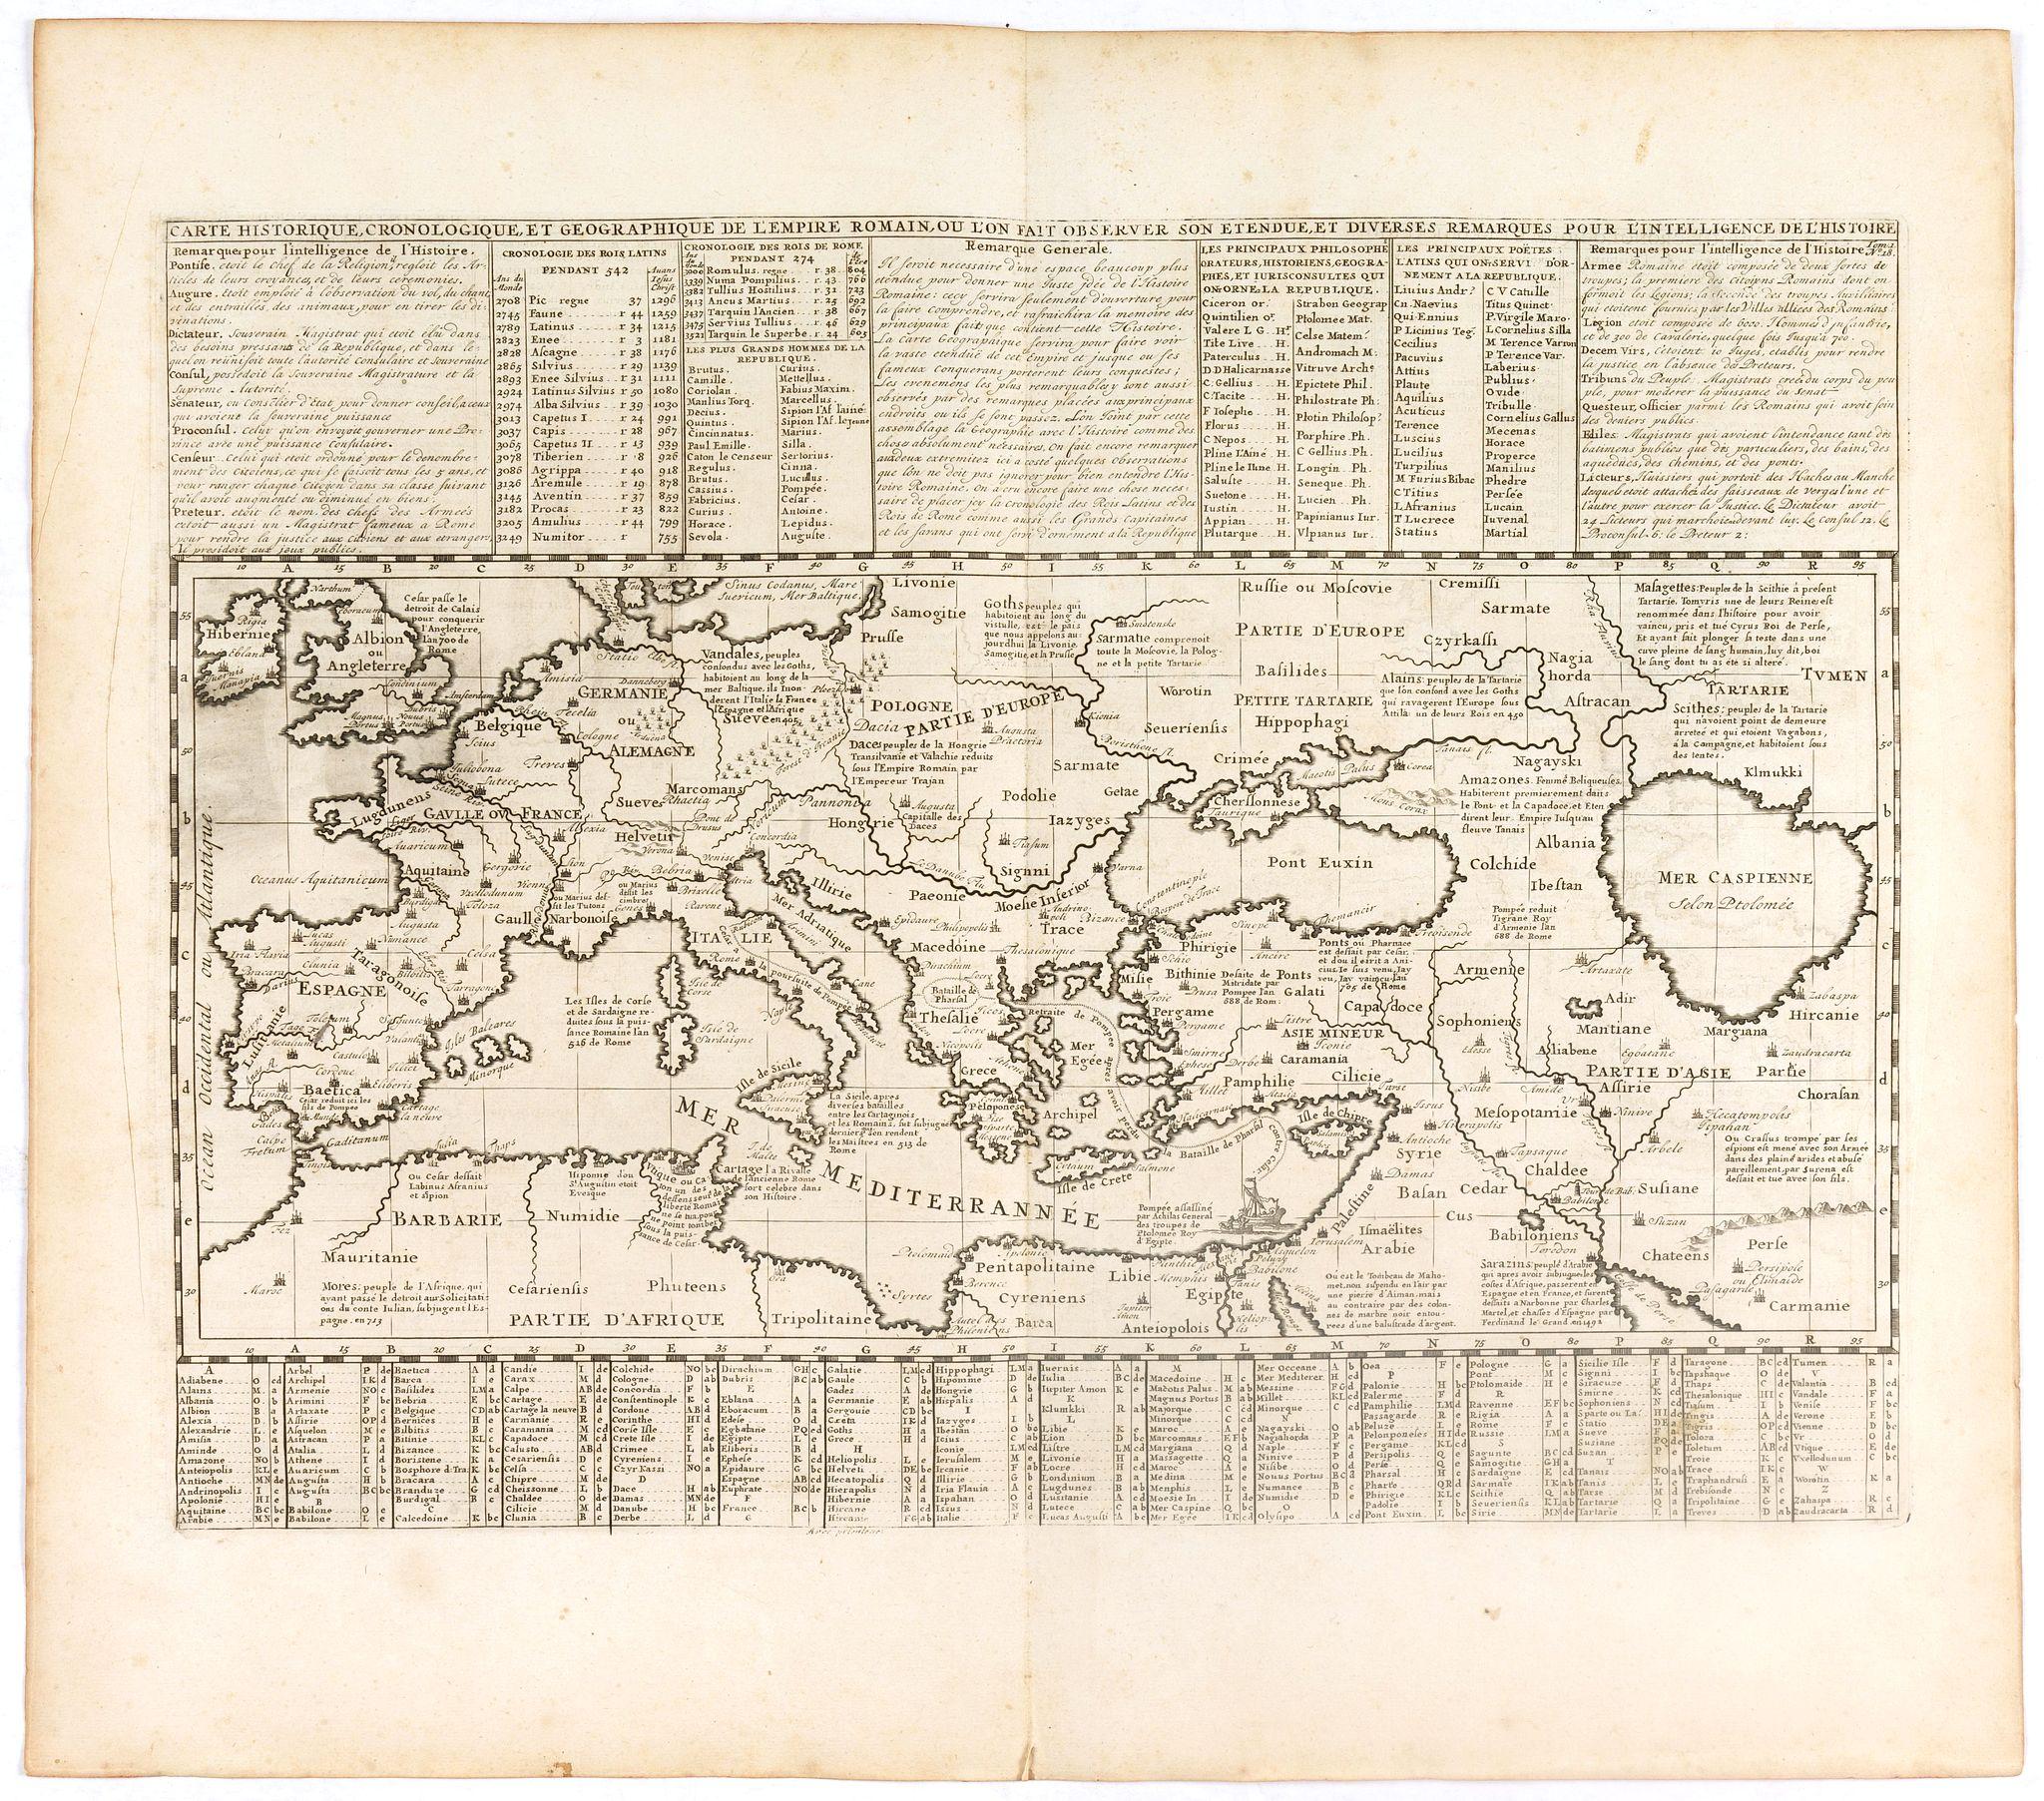 CHATELAIN, H. -  Carte historique chronologique et géographique de l'empire romain où l'on fait observer son étendue et diverses remarques pour l'intelligence de l'histoire.